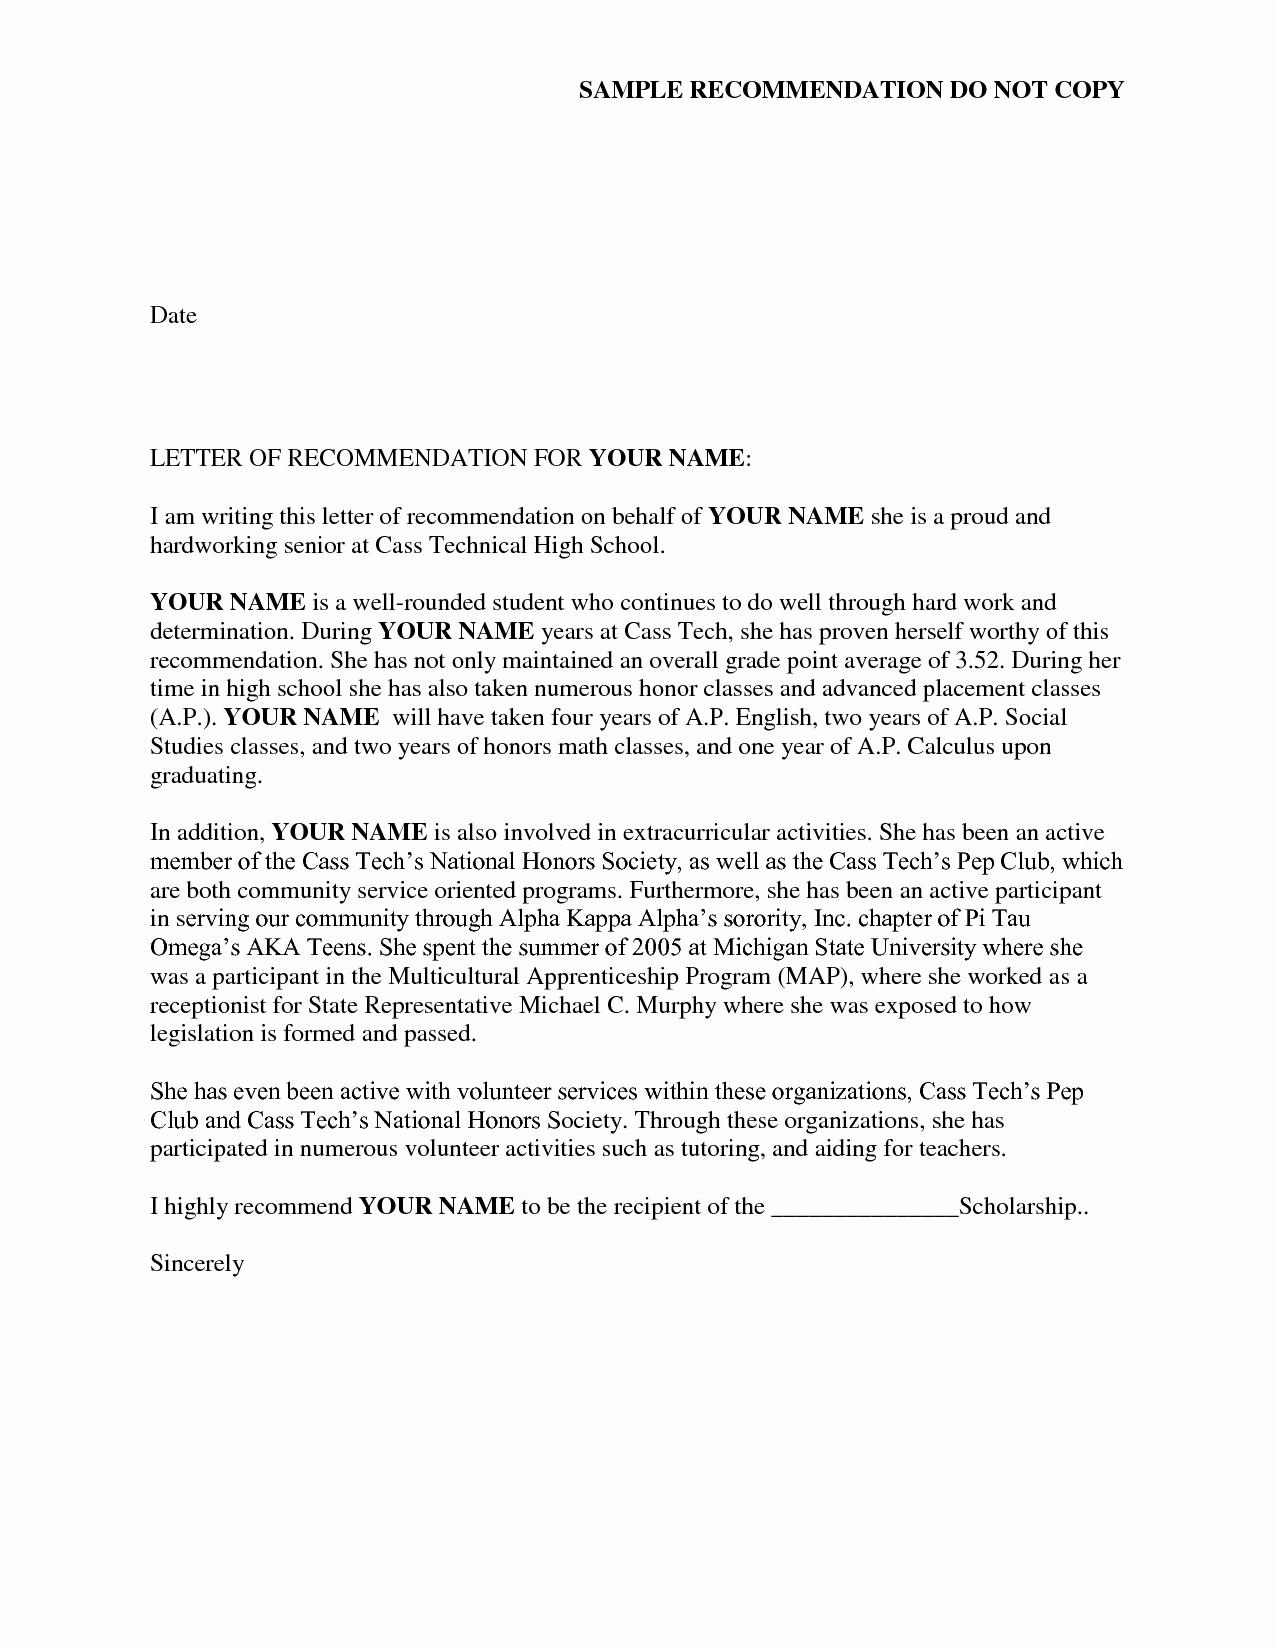 Recommendation Letter for sorority Lovely sorority Re Mendation Letter